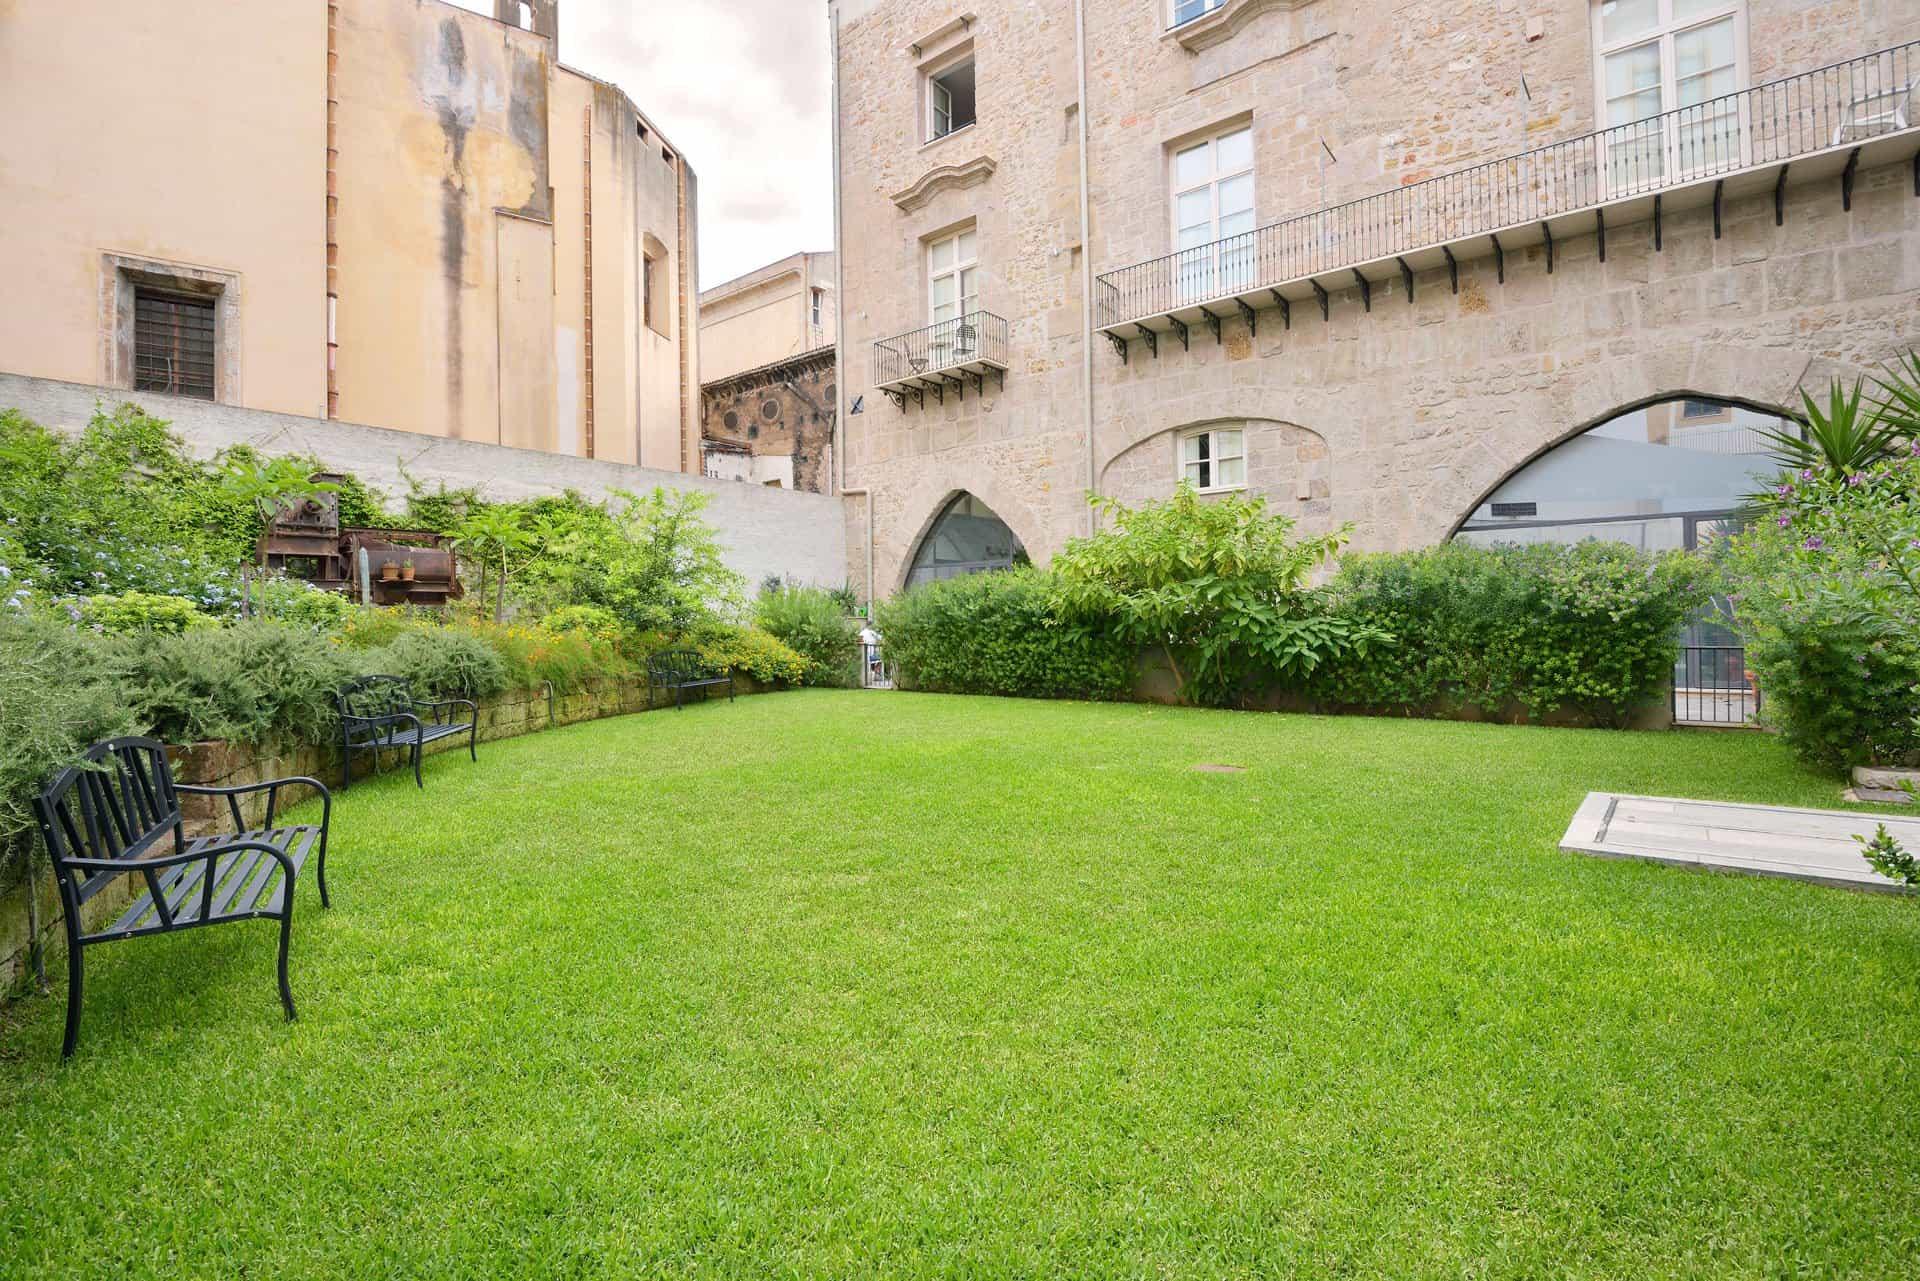 Palazzo-Lampedusa_giardino_